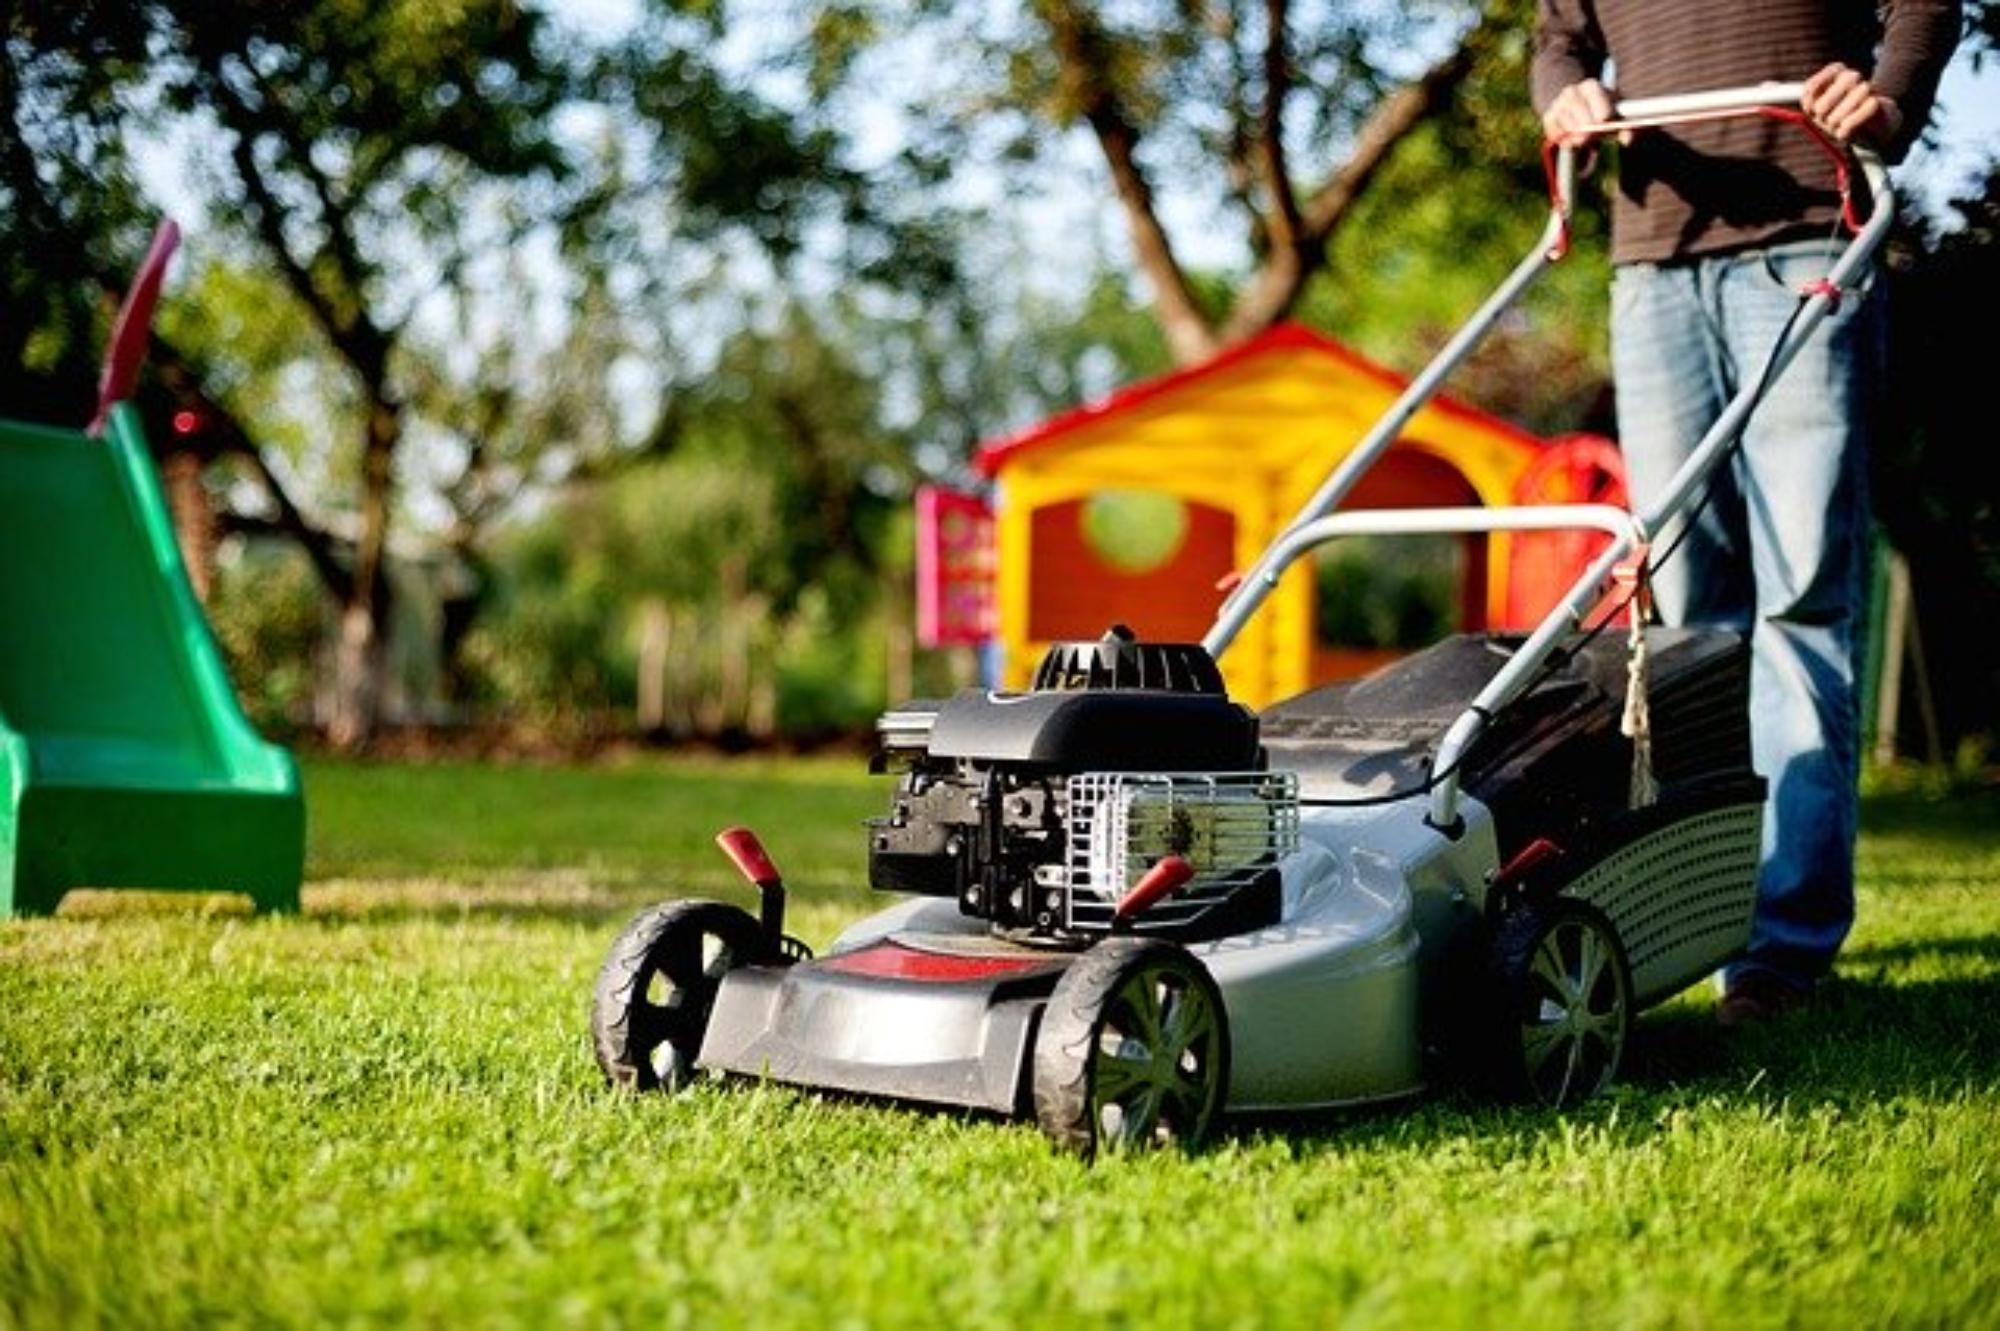 Narzędzia i akcesoria ogrodowe, które znacznie ułatwiają pracę